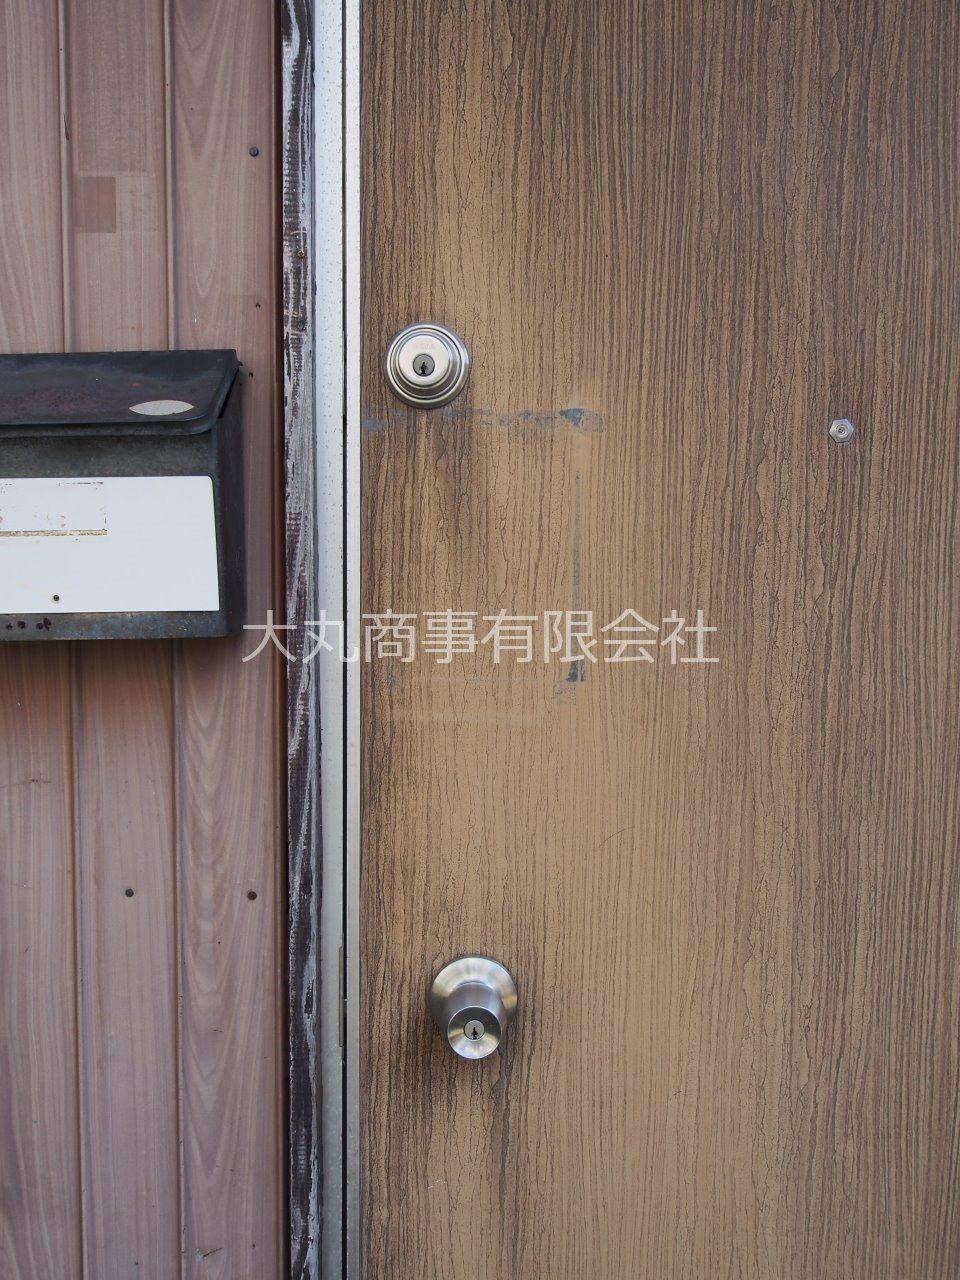 玄関はセキュリティー性の高いダブルロック